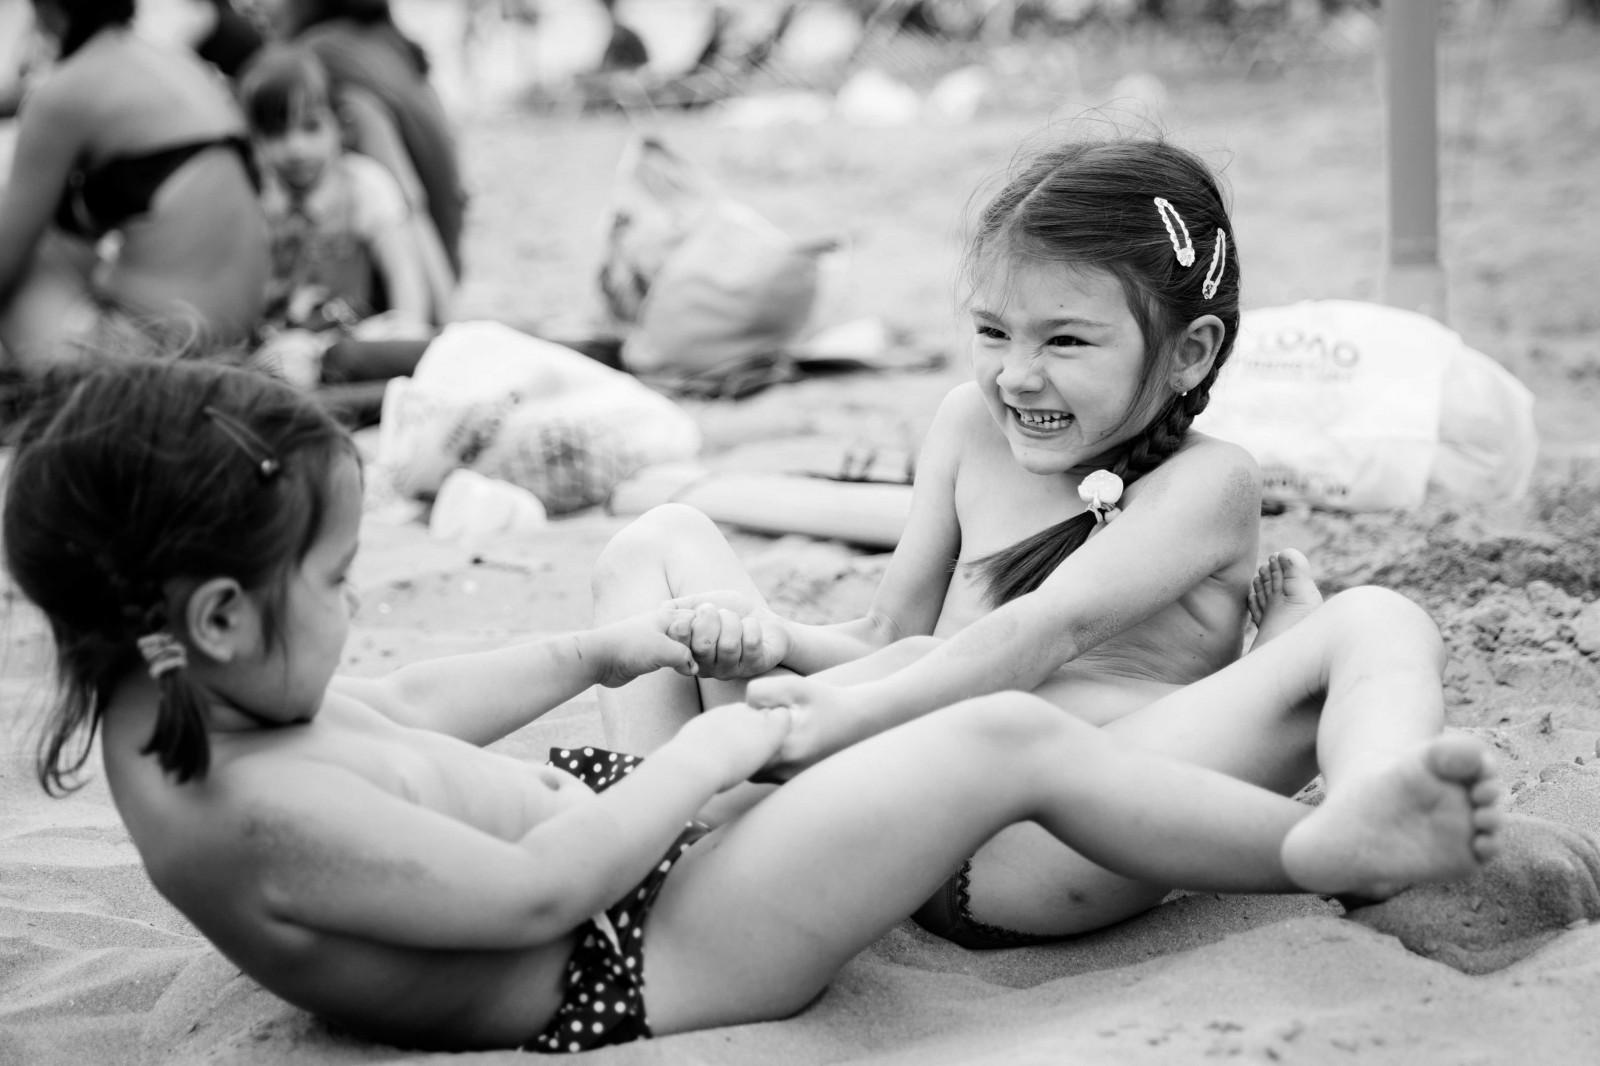 Японские Маленькие Девочки Натуристы Нудисты На Природе